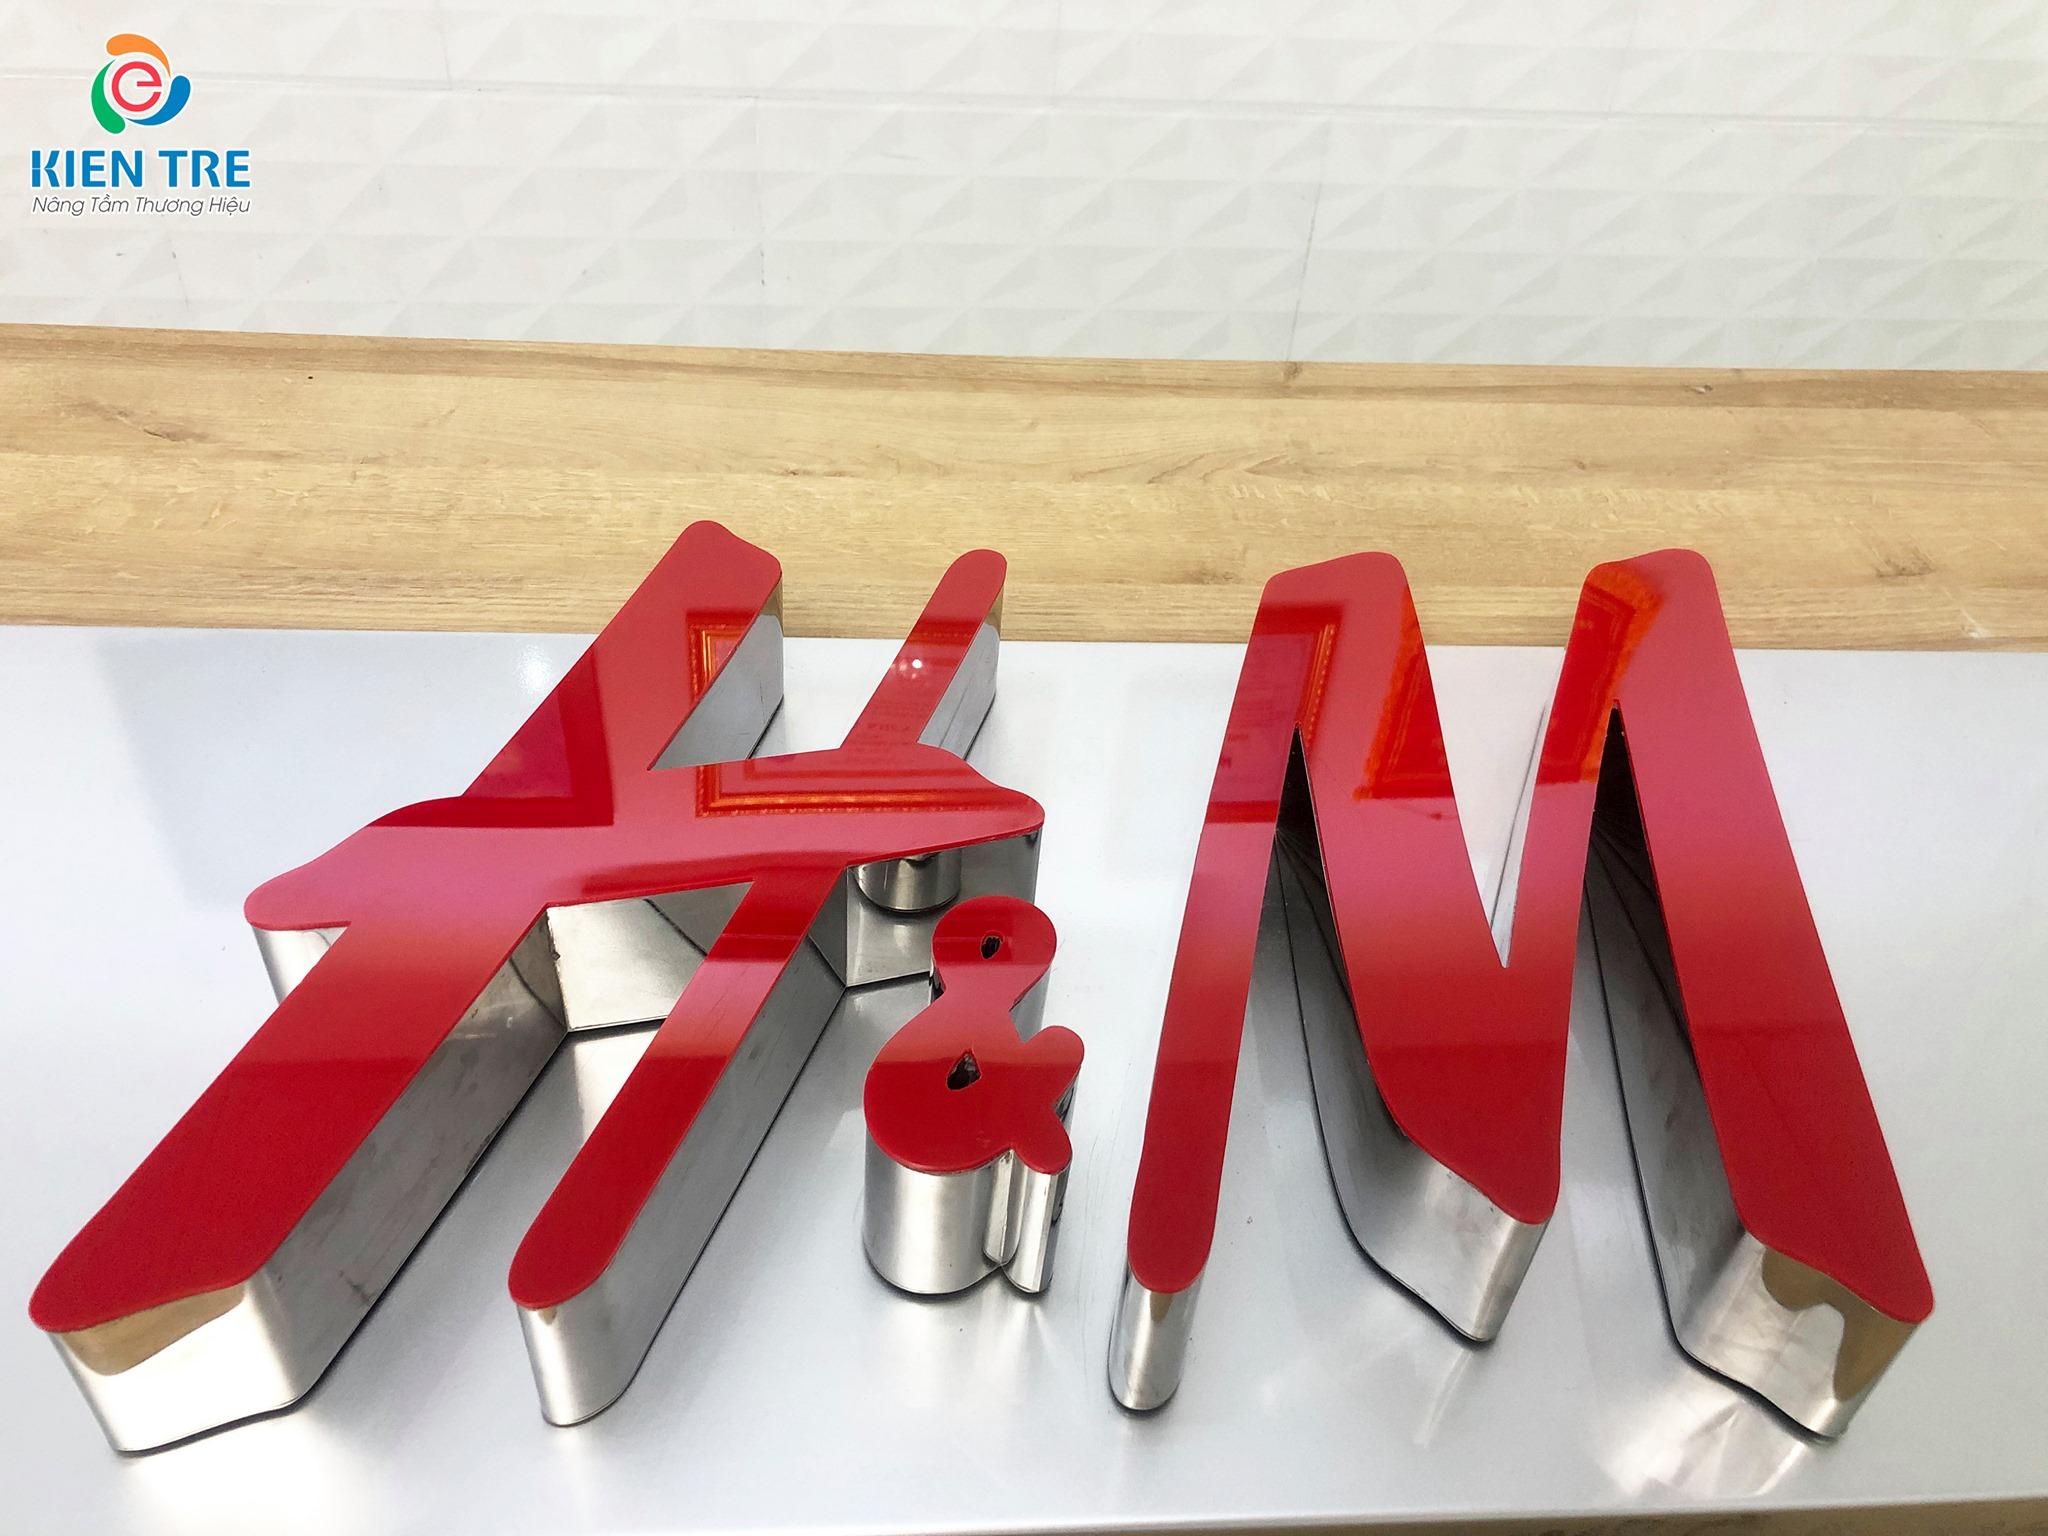 Công ty chuyên gia công chữ inox, chữ nổi inox giá rẻ tại TP.HCM, Bình Dương, Đồng Nai